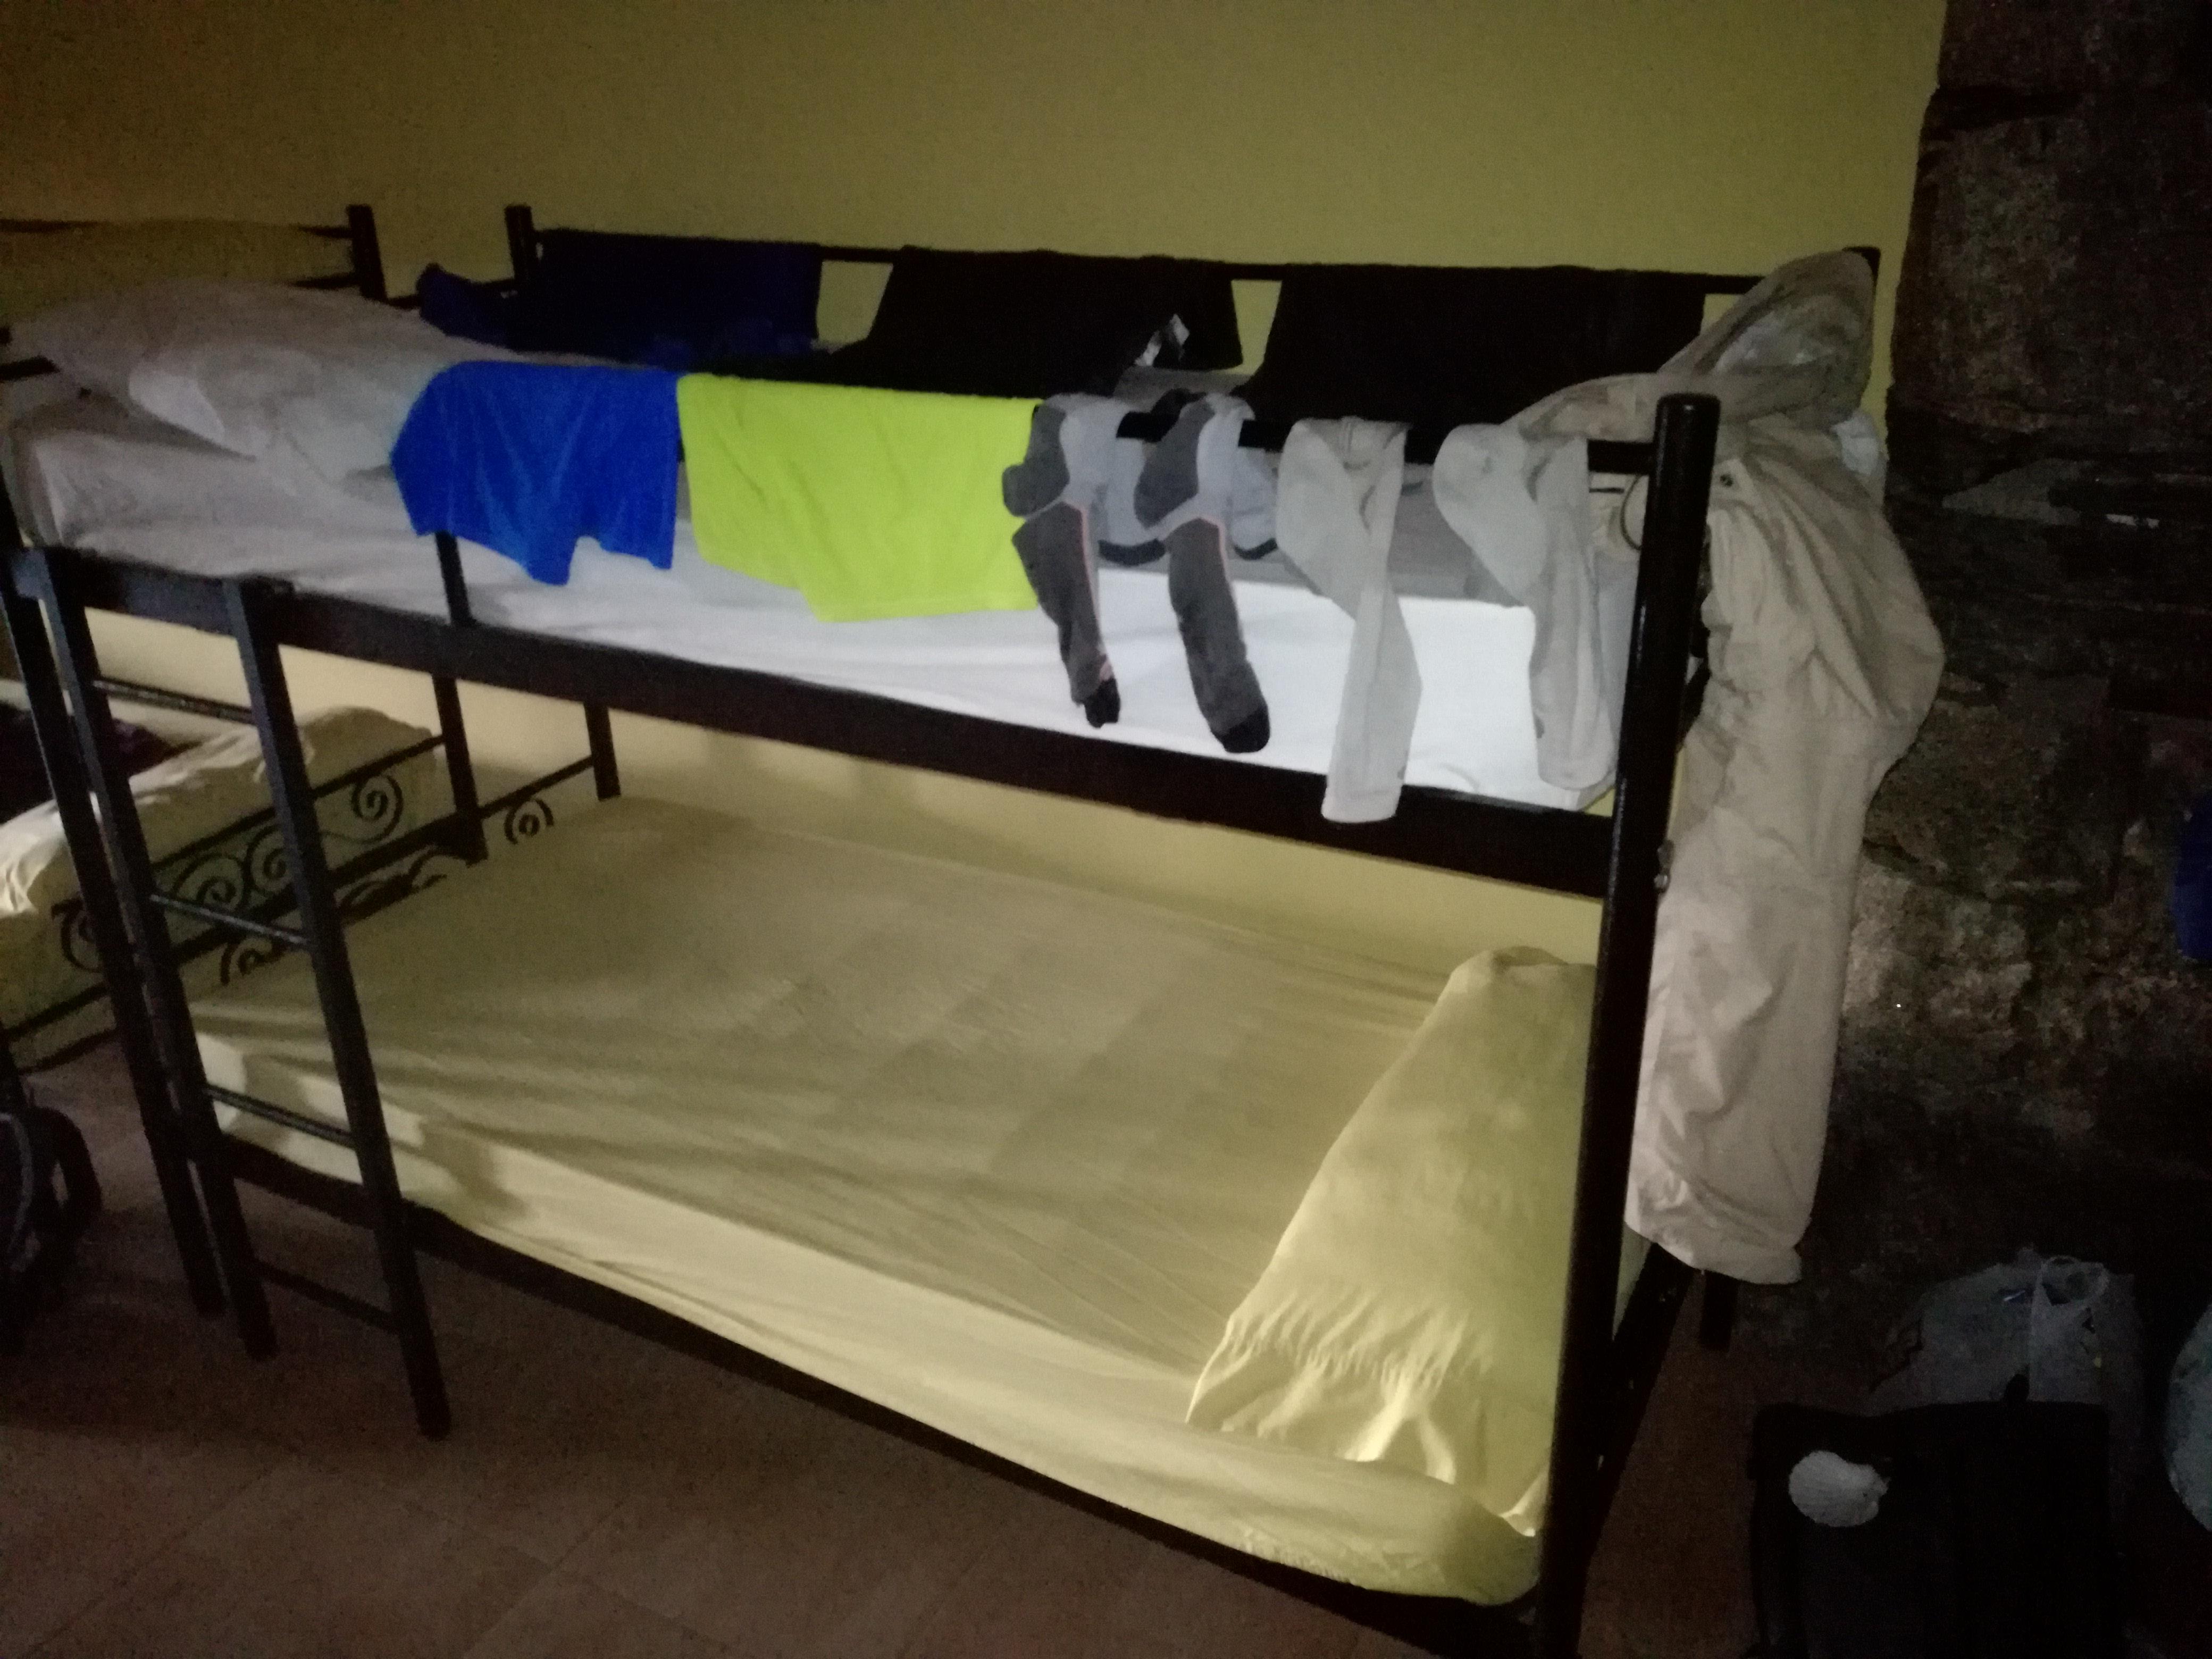 Teregetni az ágy szélére is lehet. Itt sem árt a biztostótű, mert alvás közben leverhetjük a ruhákat.